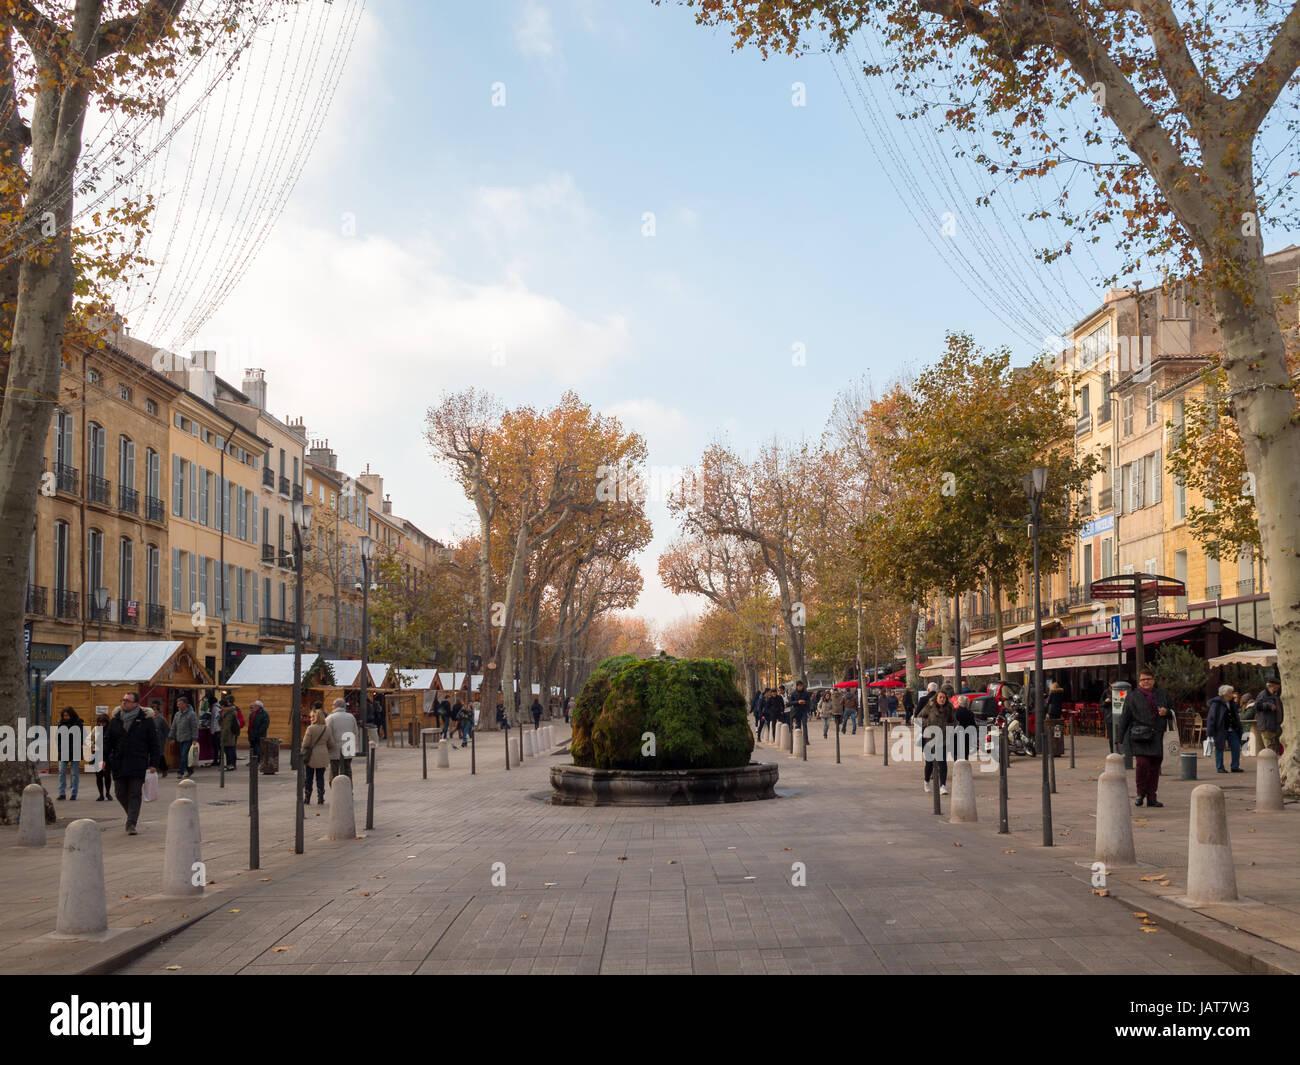 Cours Mirabeau, Aix-en-Provence - Stock Image